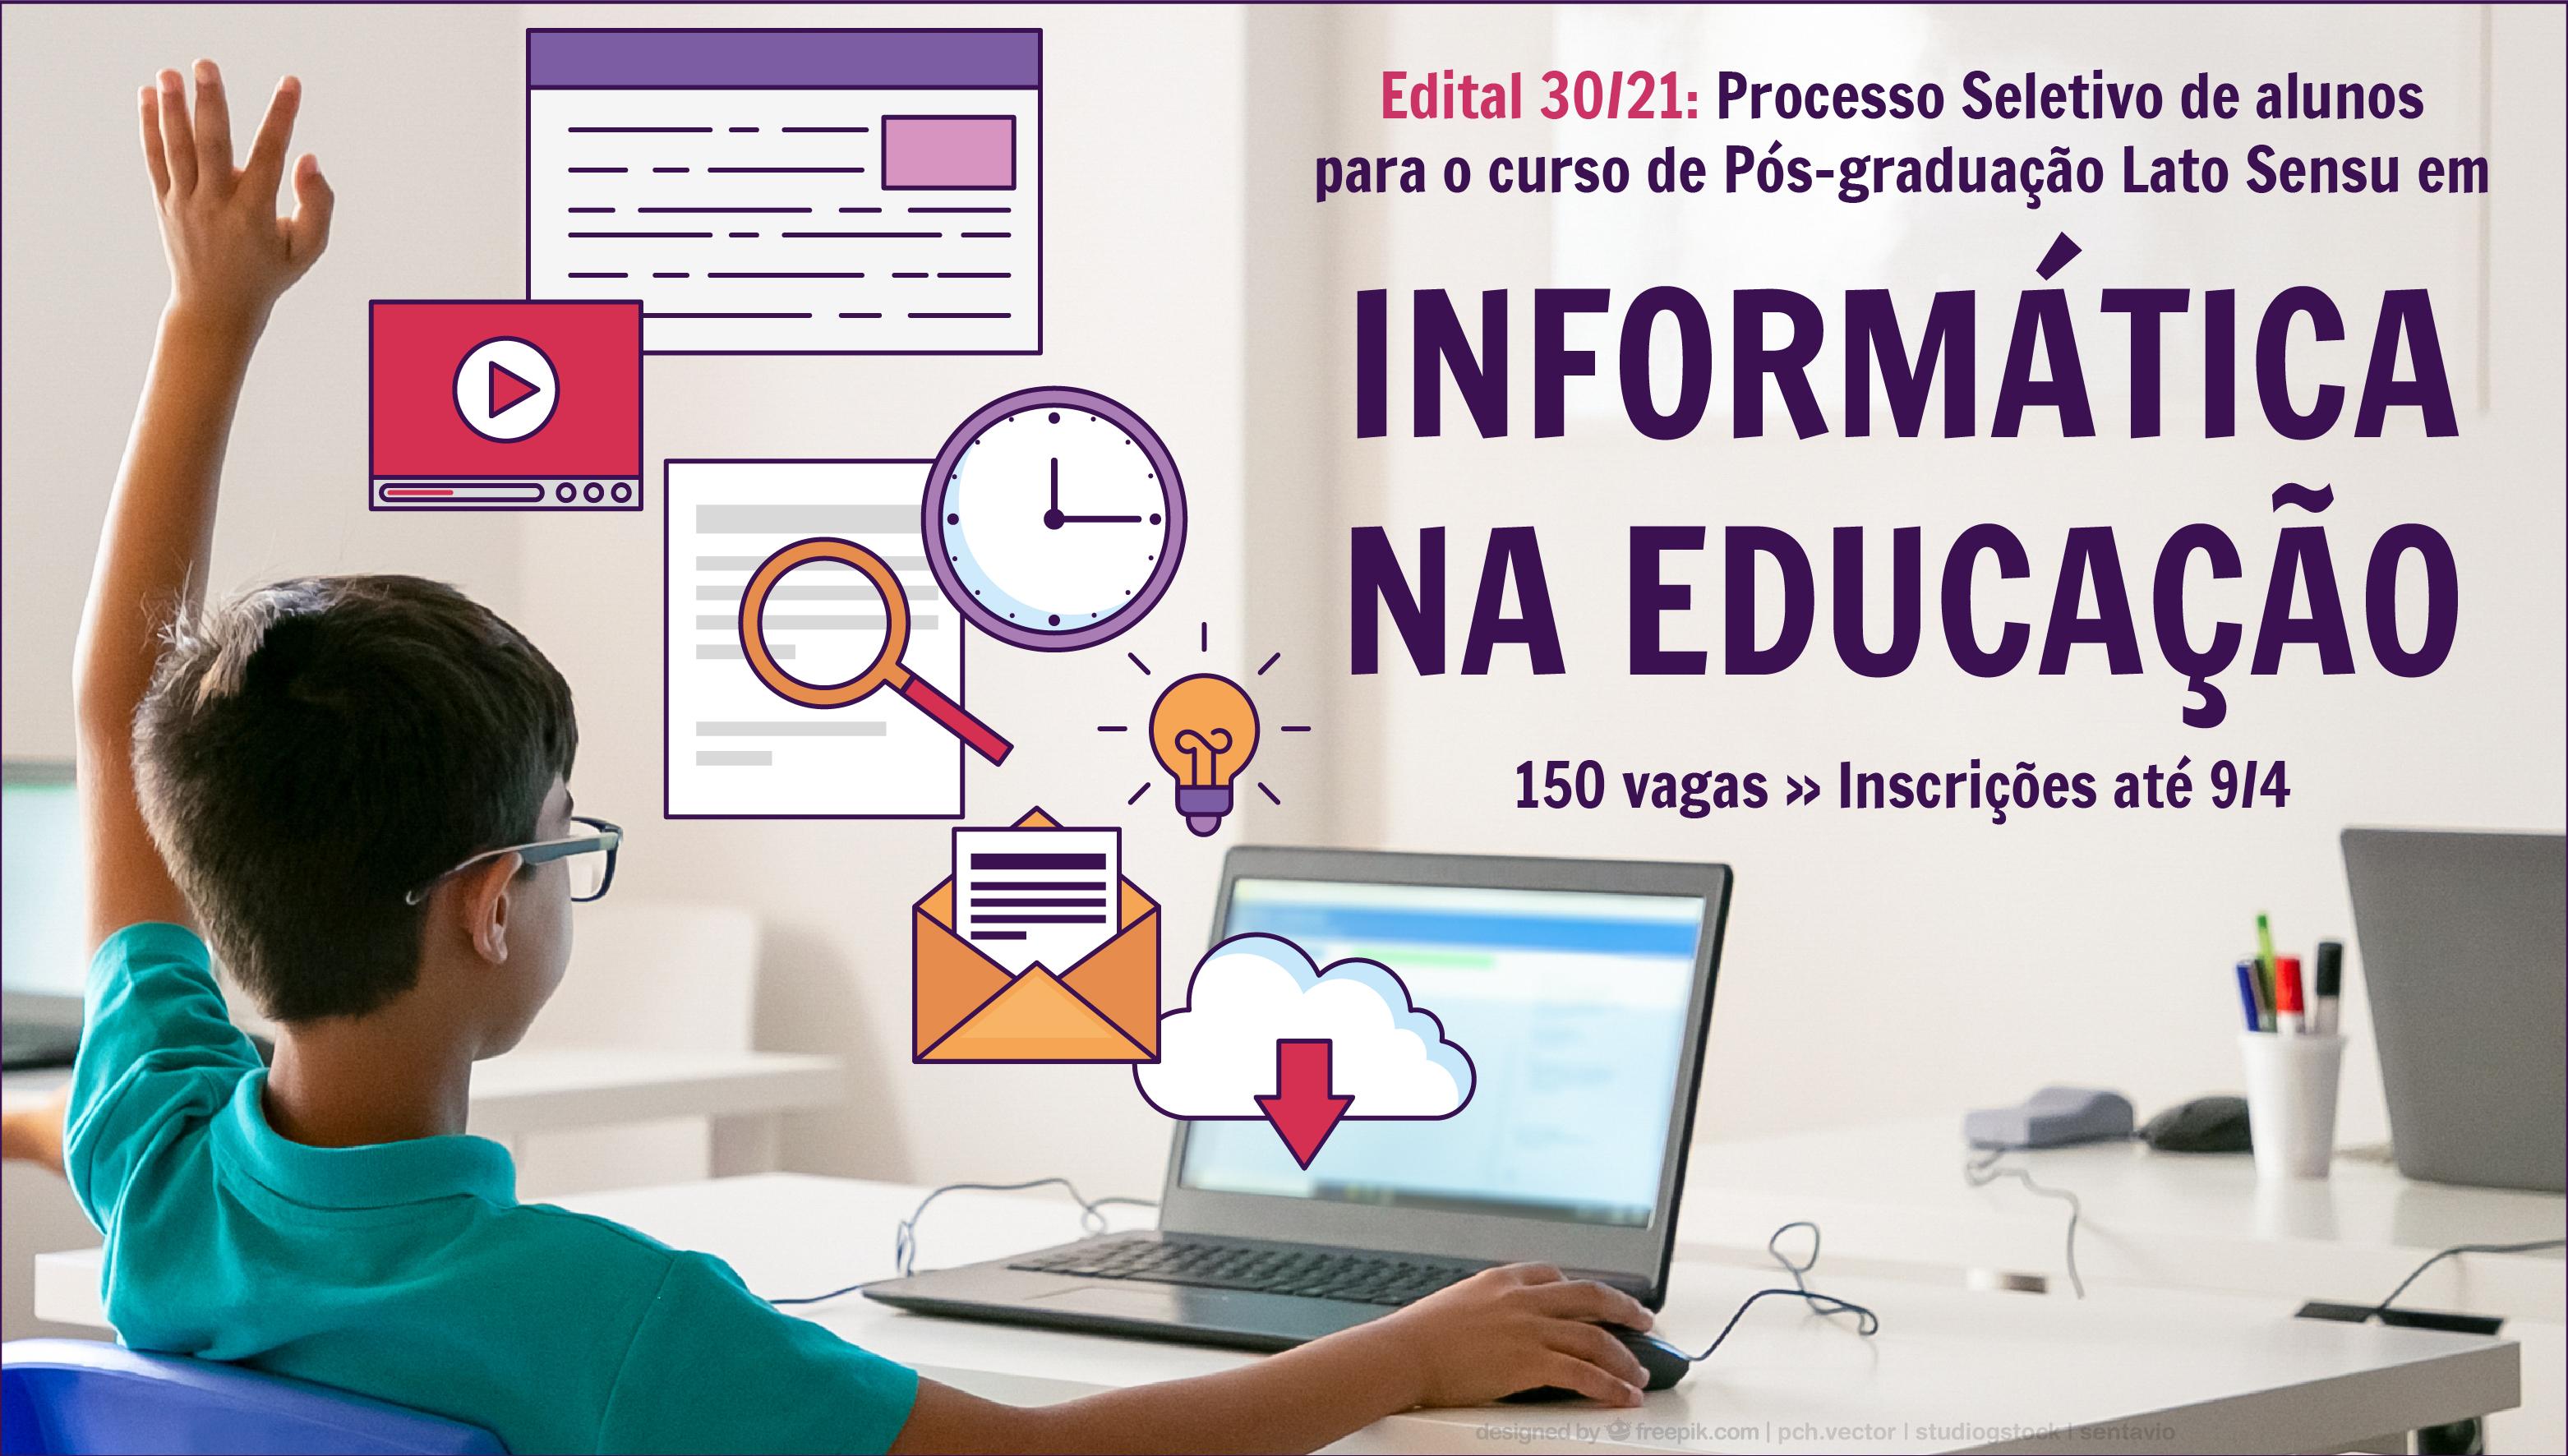 Inscrições abertas para a Pós-graduação Lato Sensu em Informática na Educação. Serão oferecidas 150 vagas, distribuídas em 5 polos.